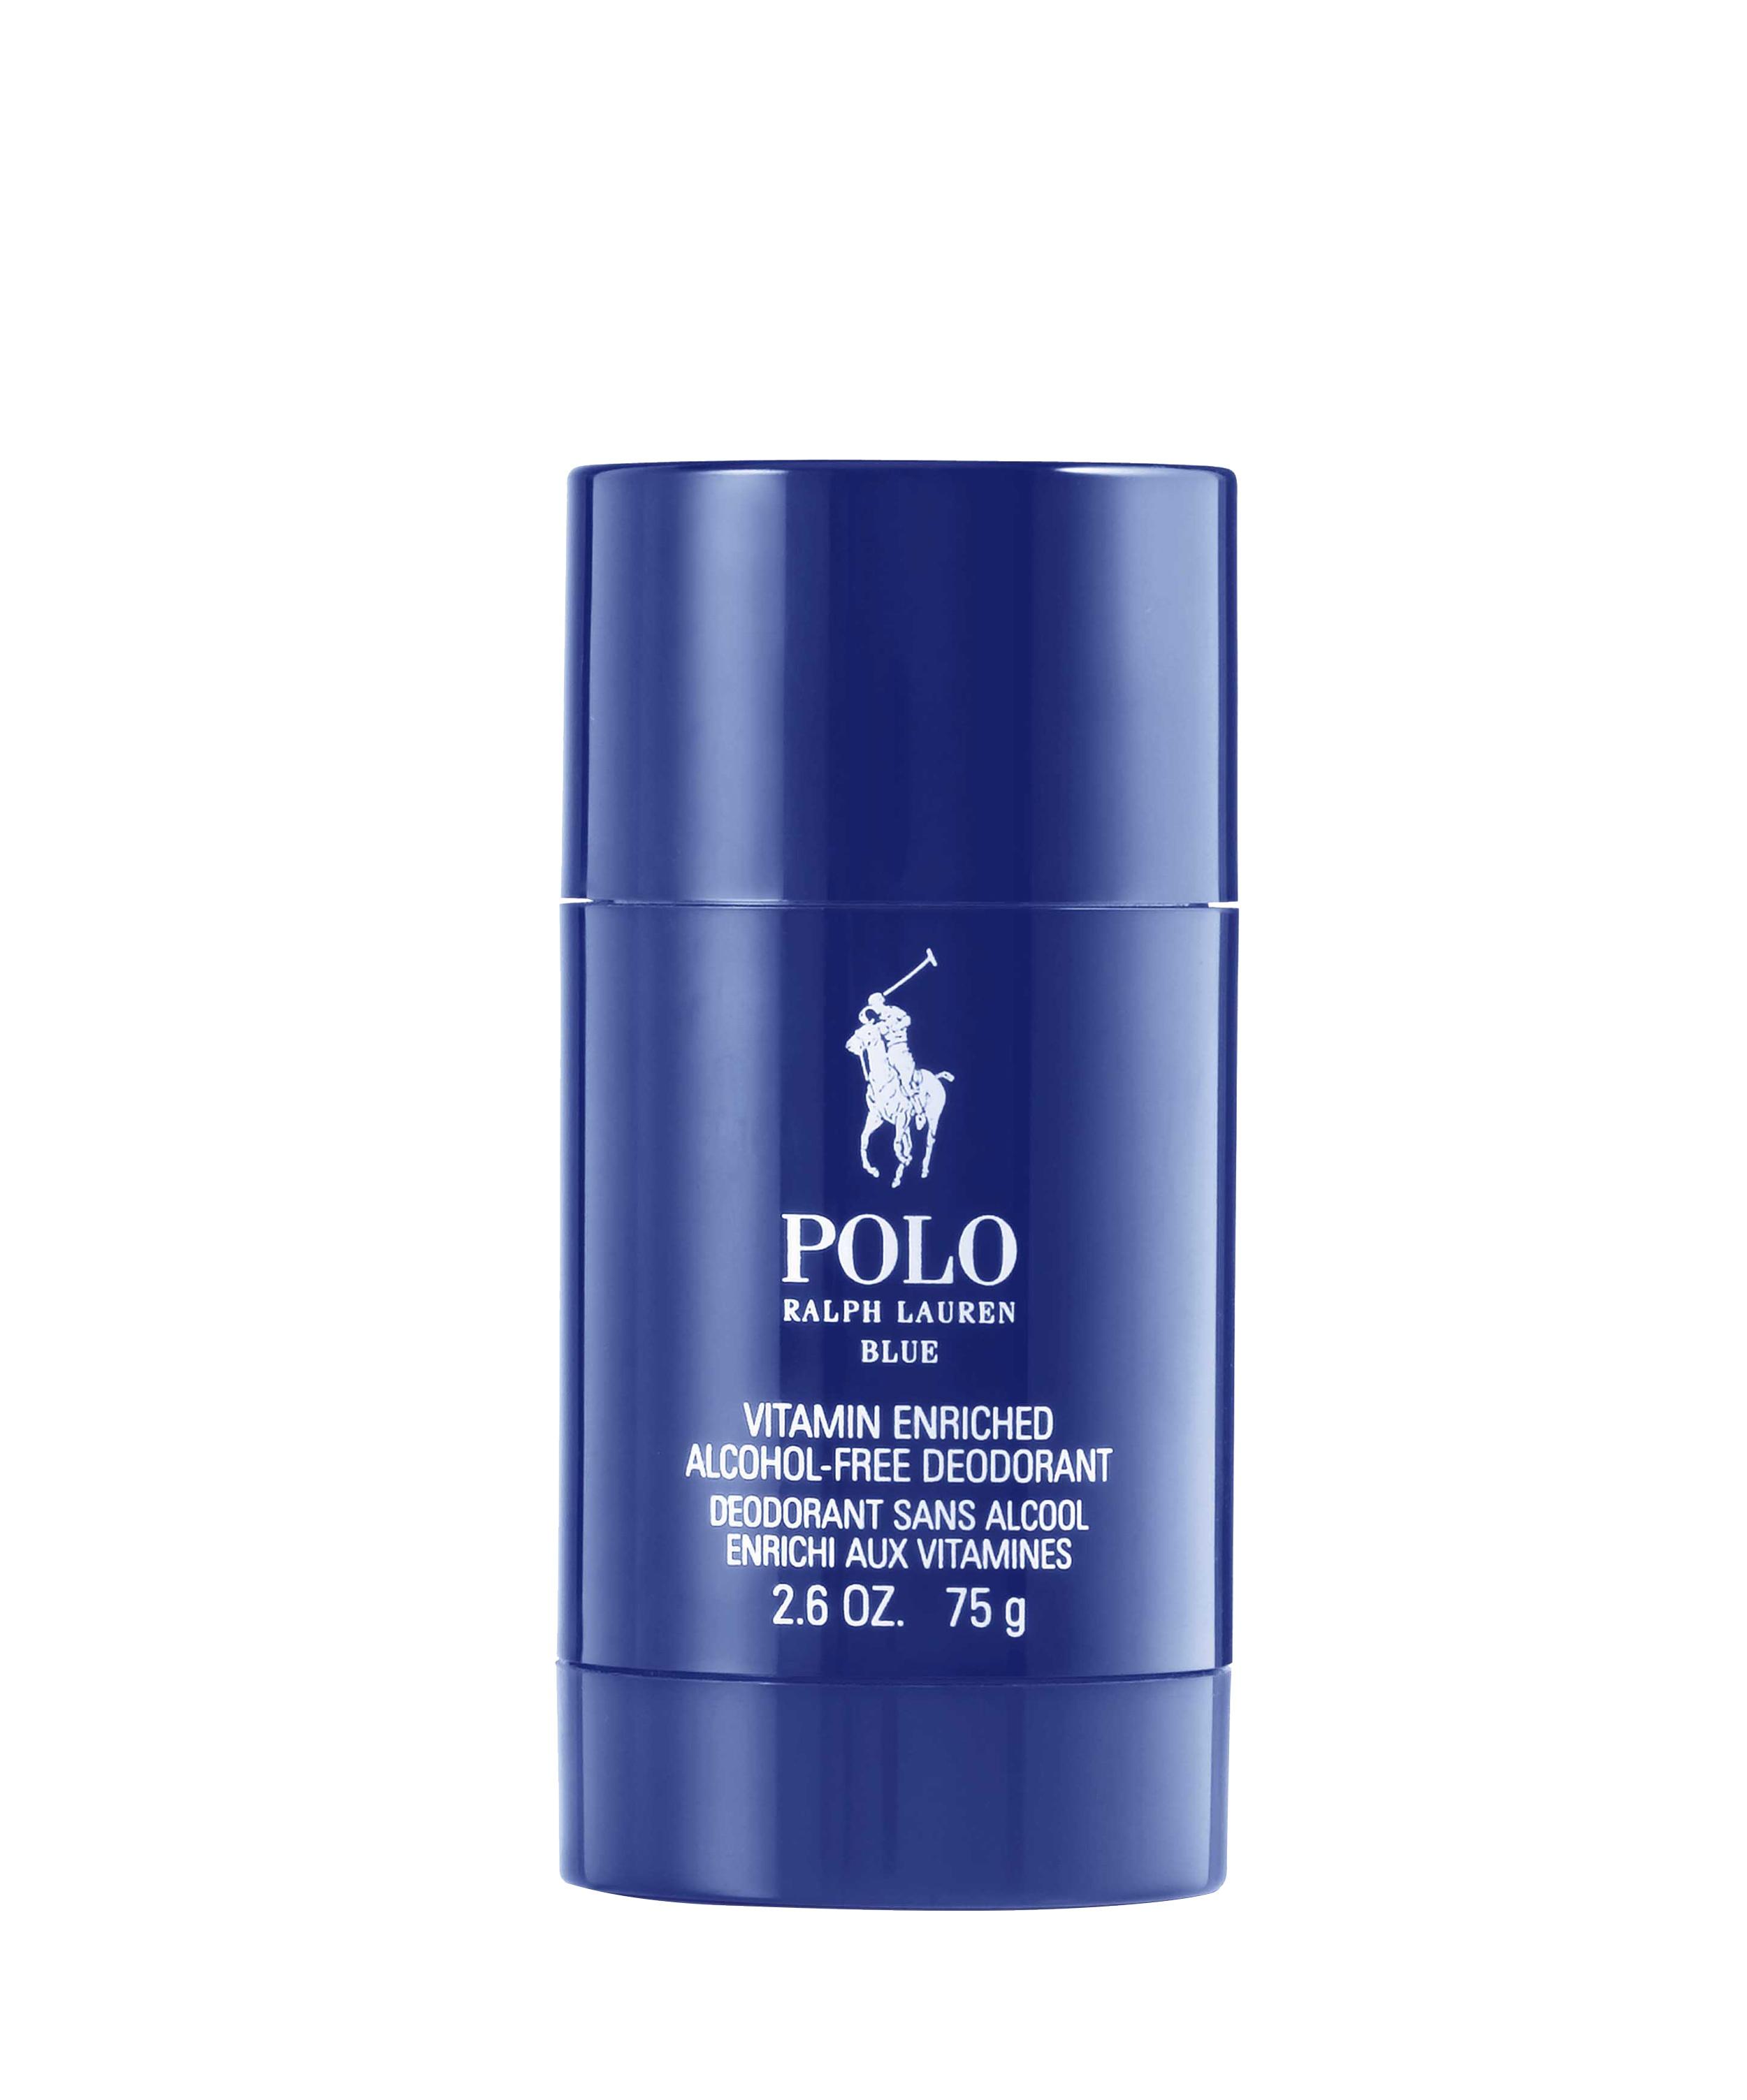 Ralph Lauren Polo Blue deostick, 75 g